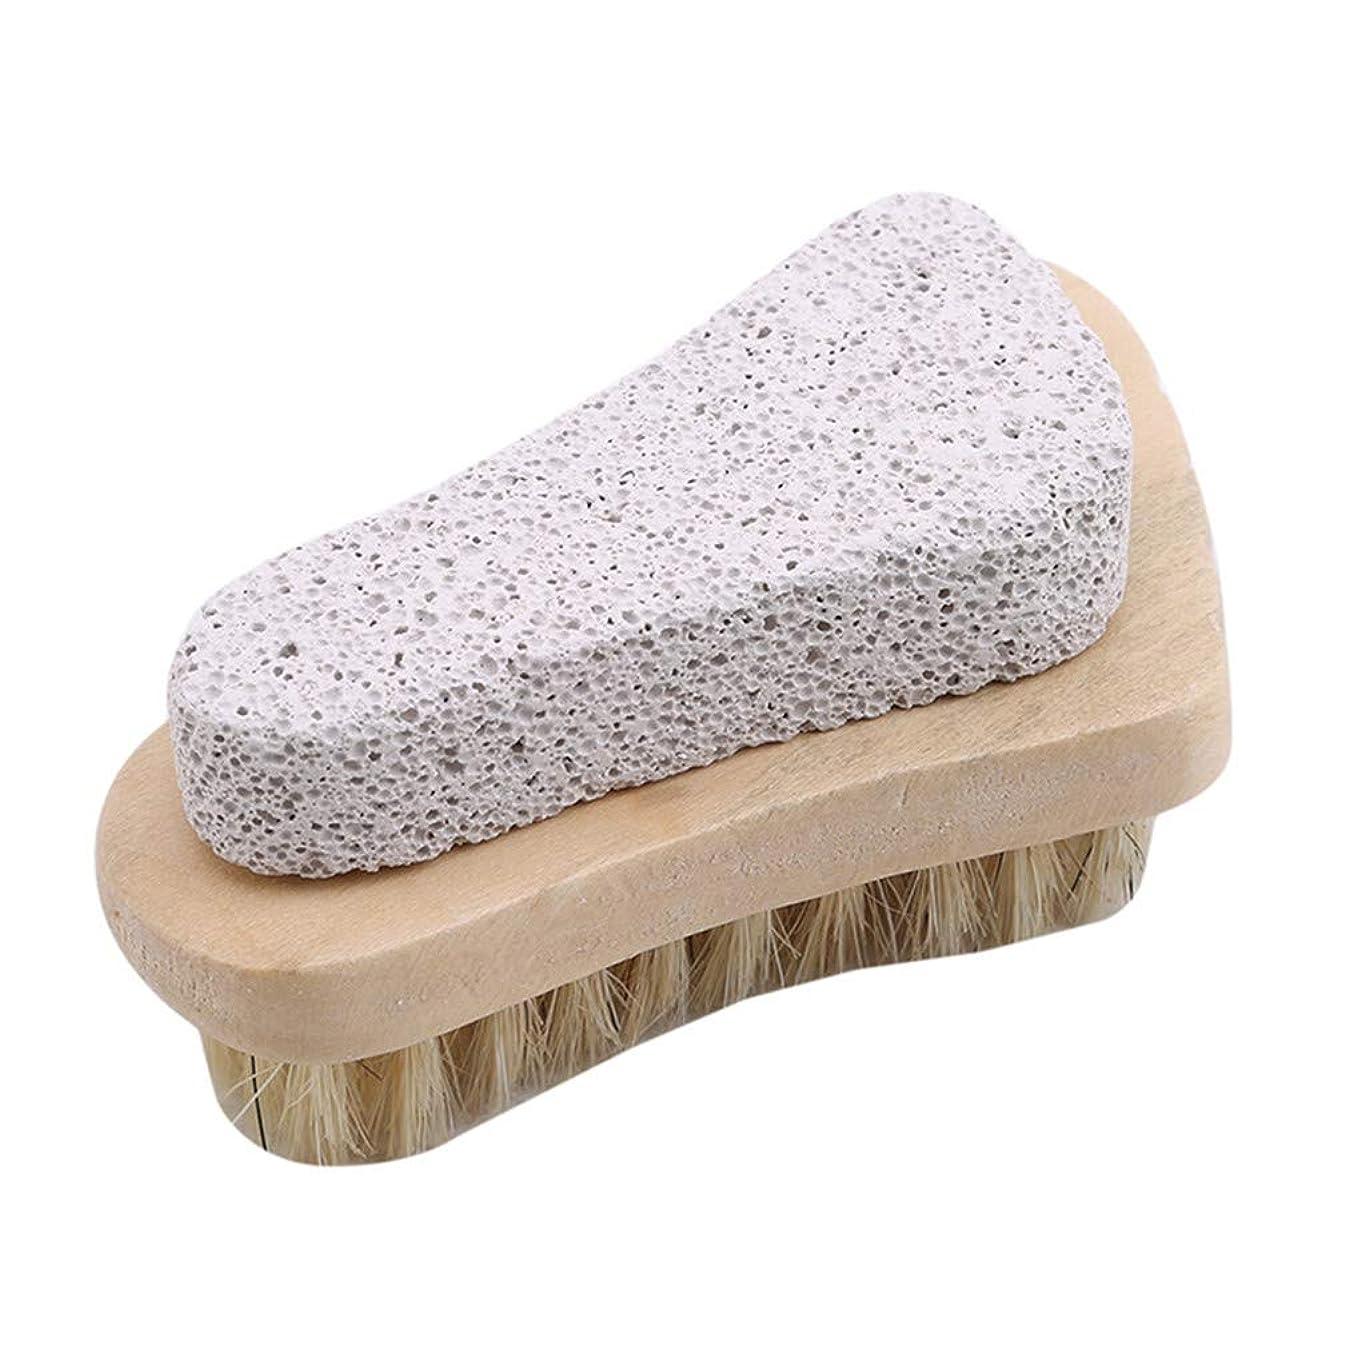 検査コーラスギャザーCngstar 木の 足のタイプ 豚コレラ 軽石ブラシ 足を洗う ラメ 角質除去 パパ 剛毛ブラシ ? 軽石ブラシ